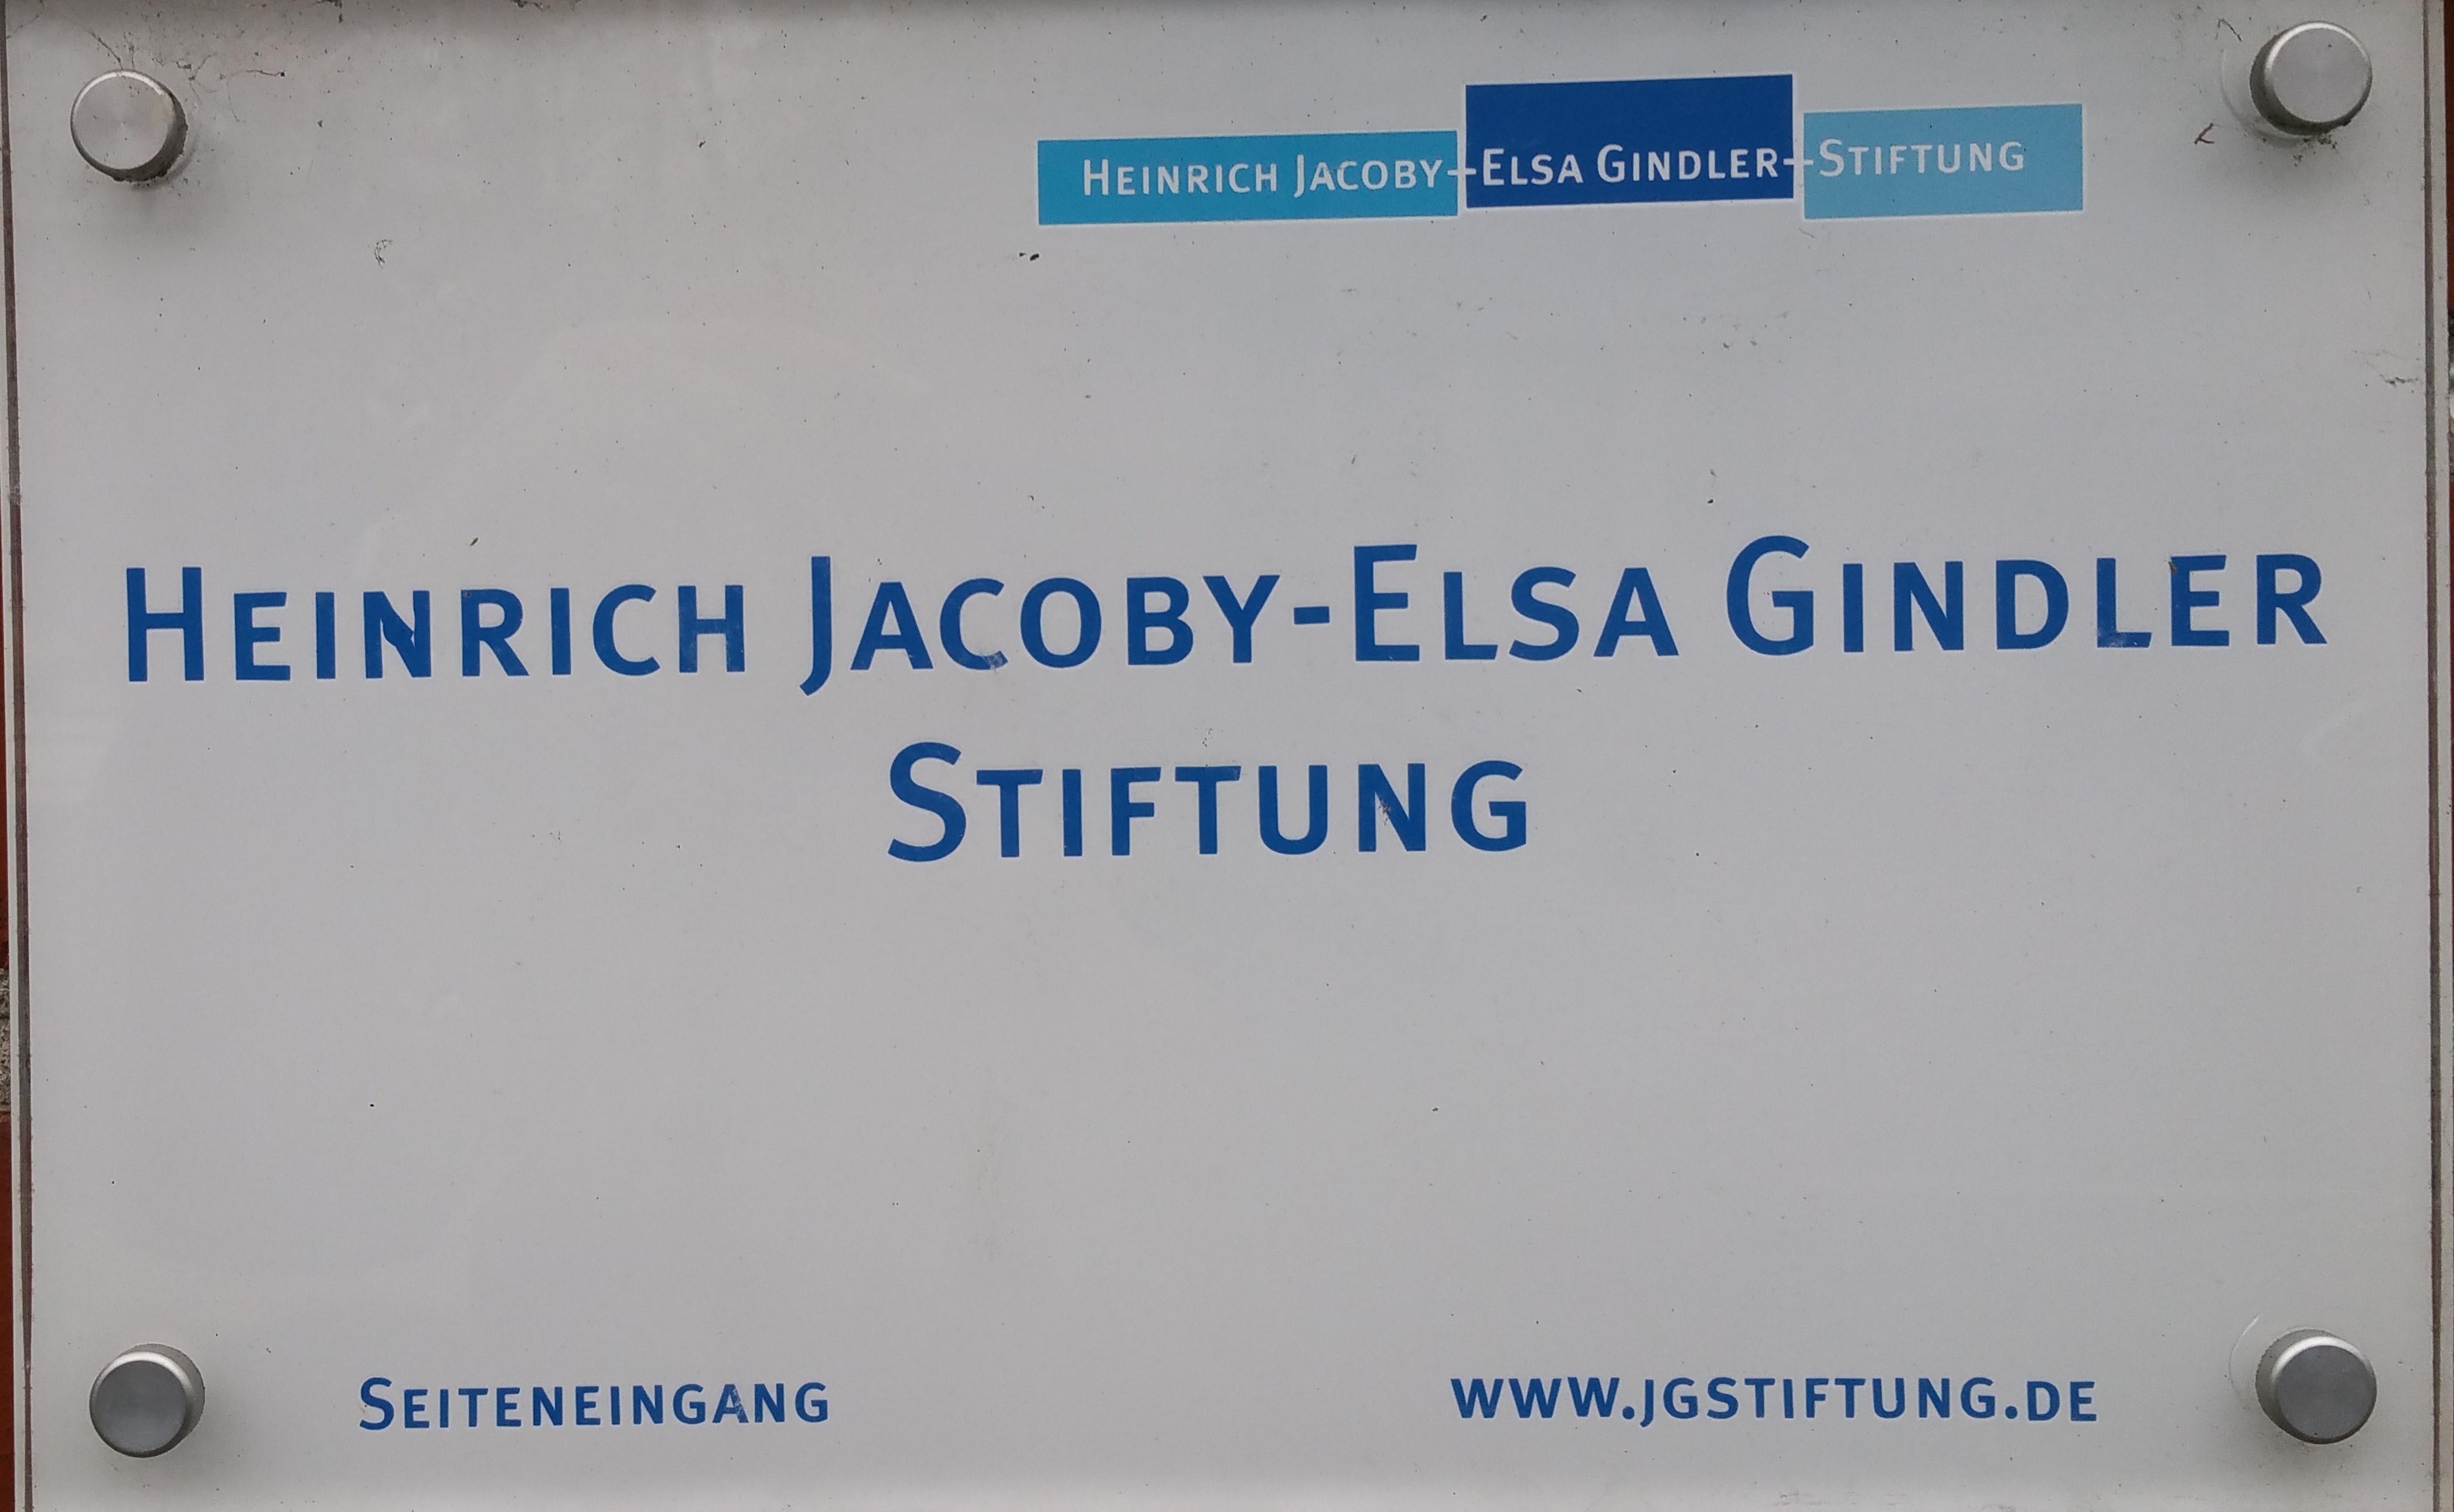 Heinrich Jacoby -Elsa Gindler